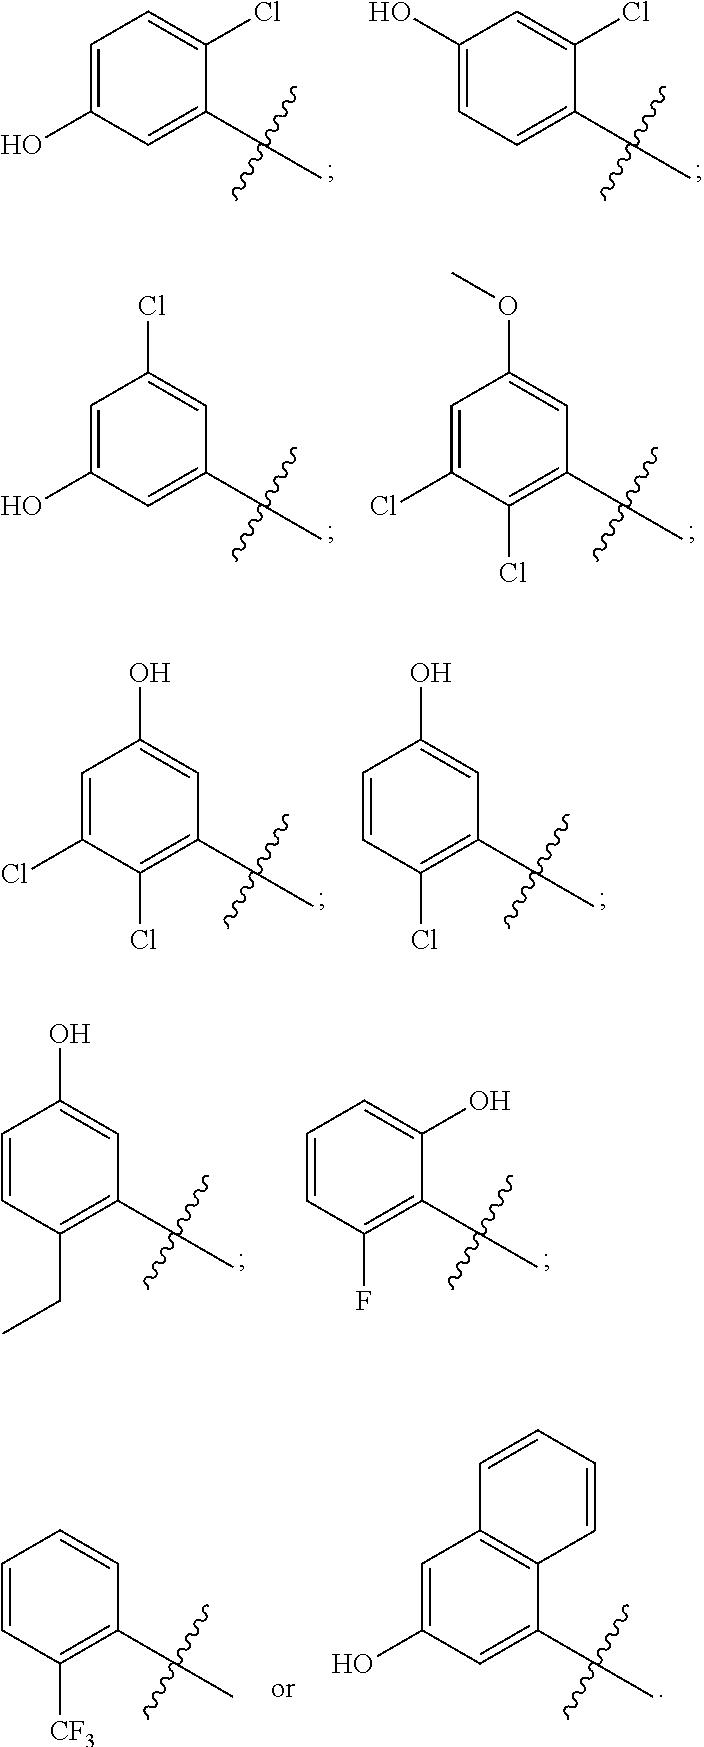 Figure US09862701-20180109-C00015